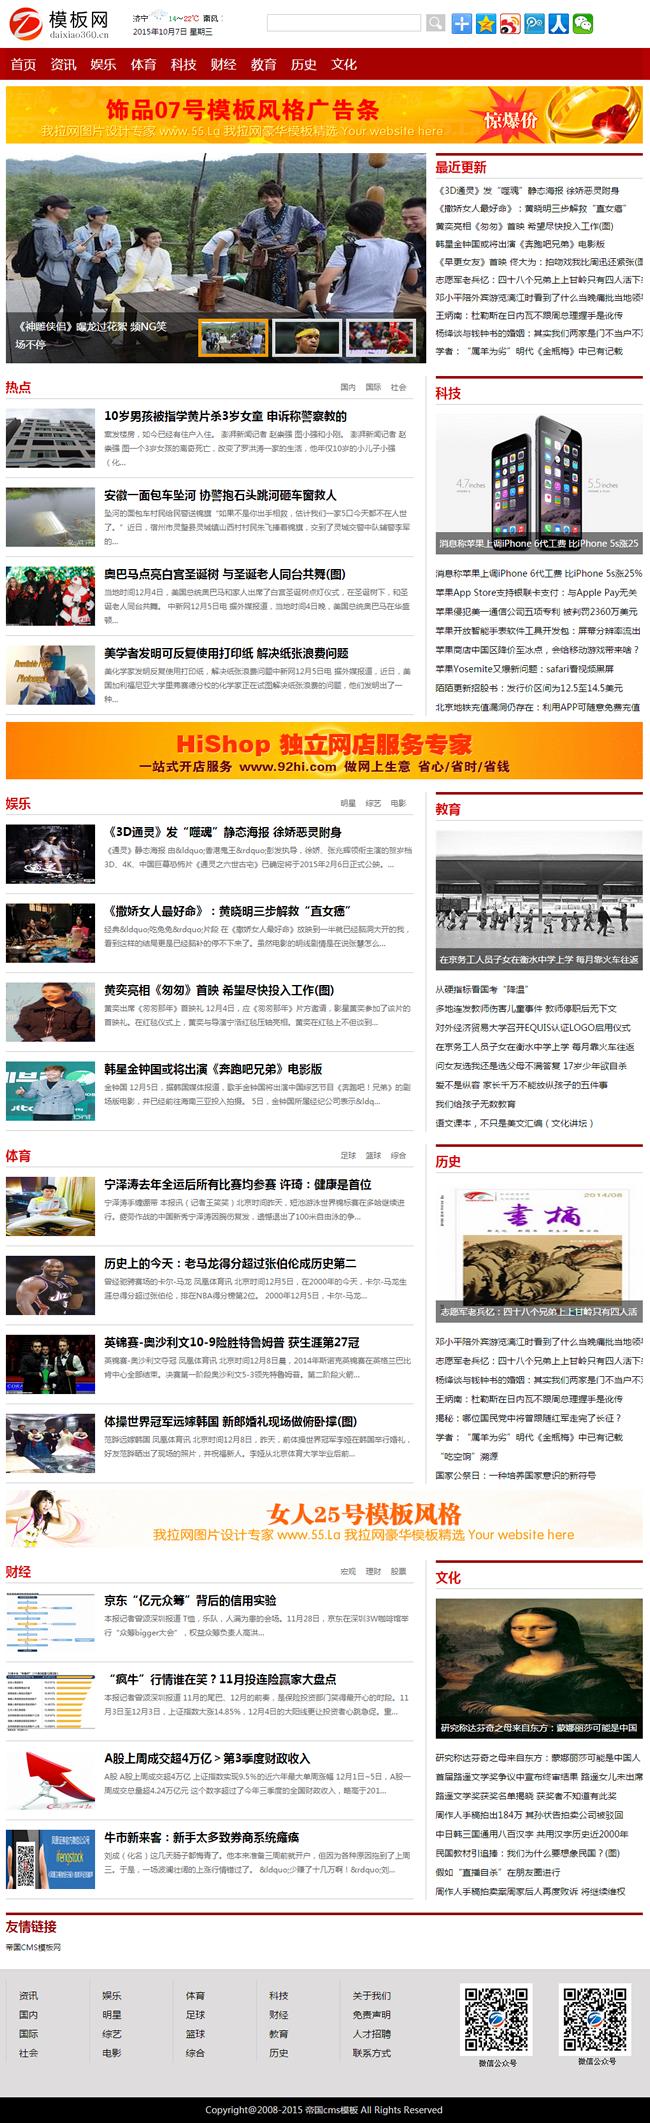 红色大气帝国cms新闻资讯模板_首页